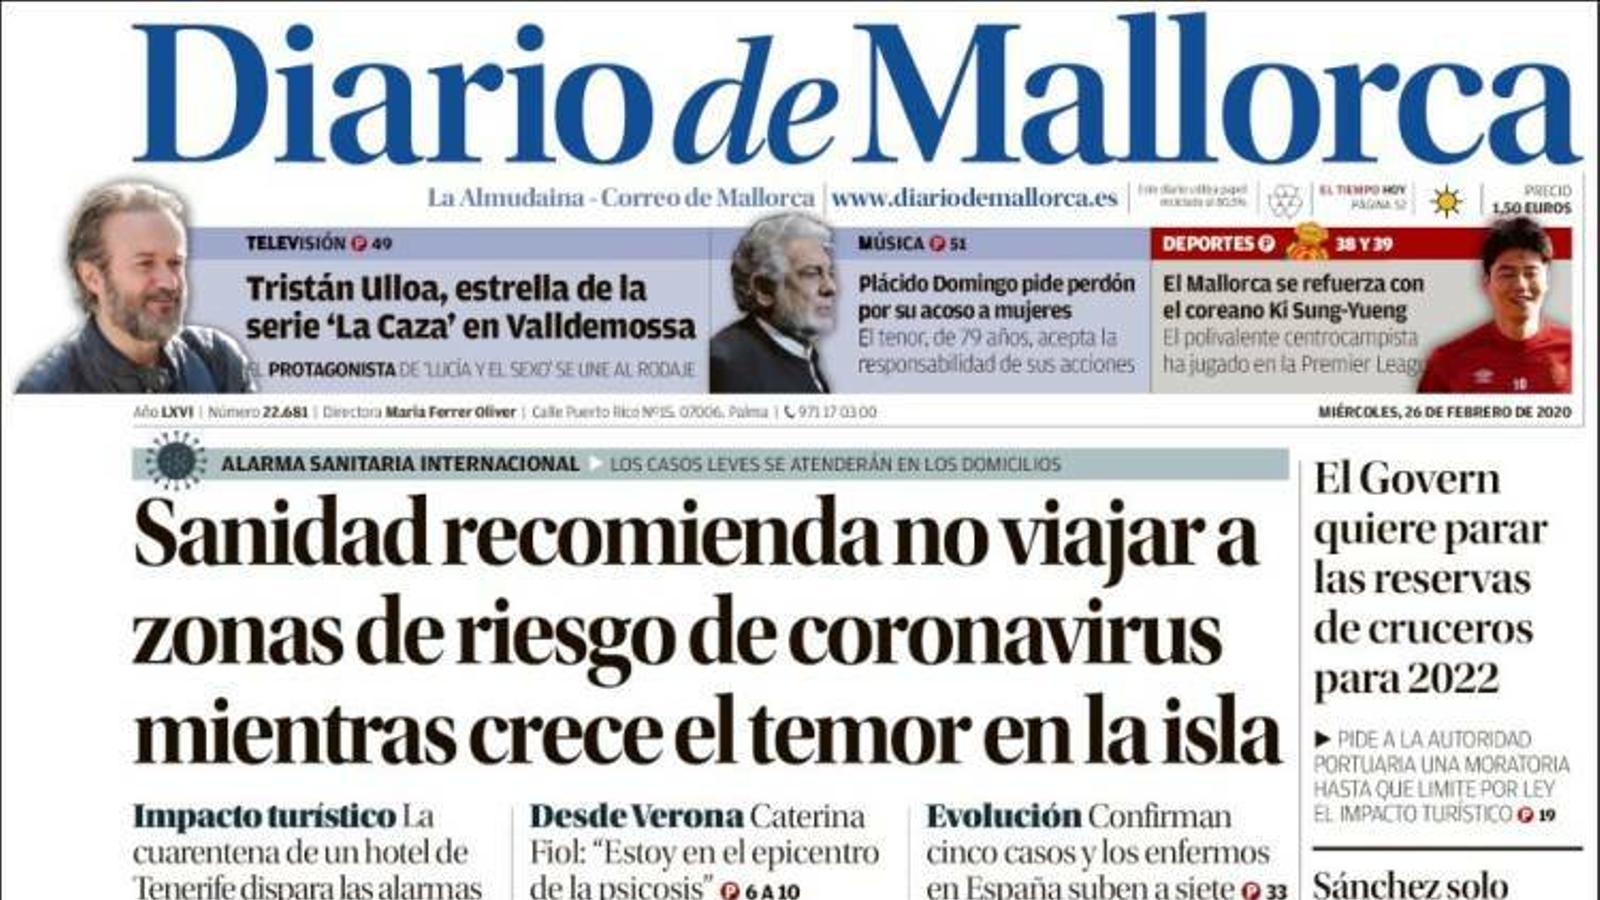 """""""Sanitat recomana no viatjar a zones de risc decoronavirusmentre creix el temor a l'illa"""", portada de 'Diario de Mallorca'"""